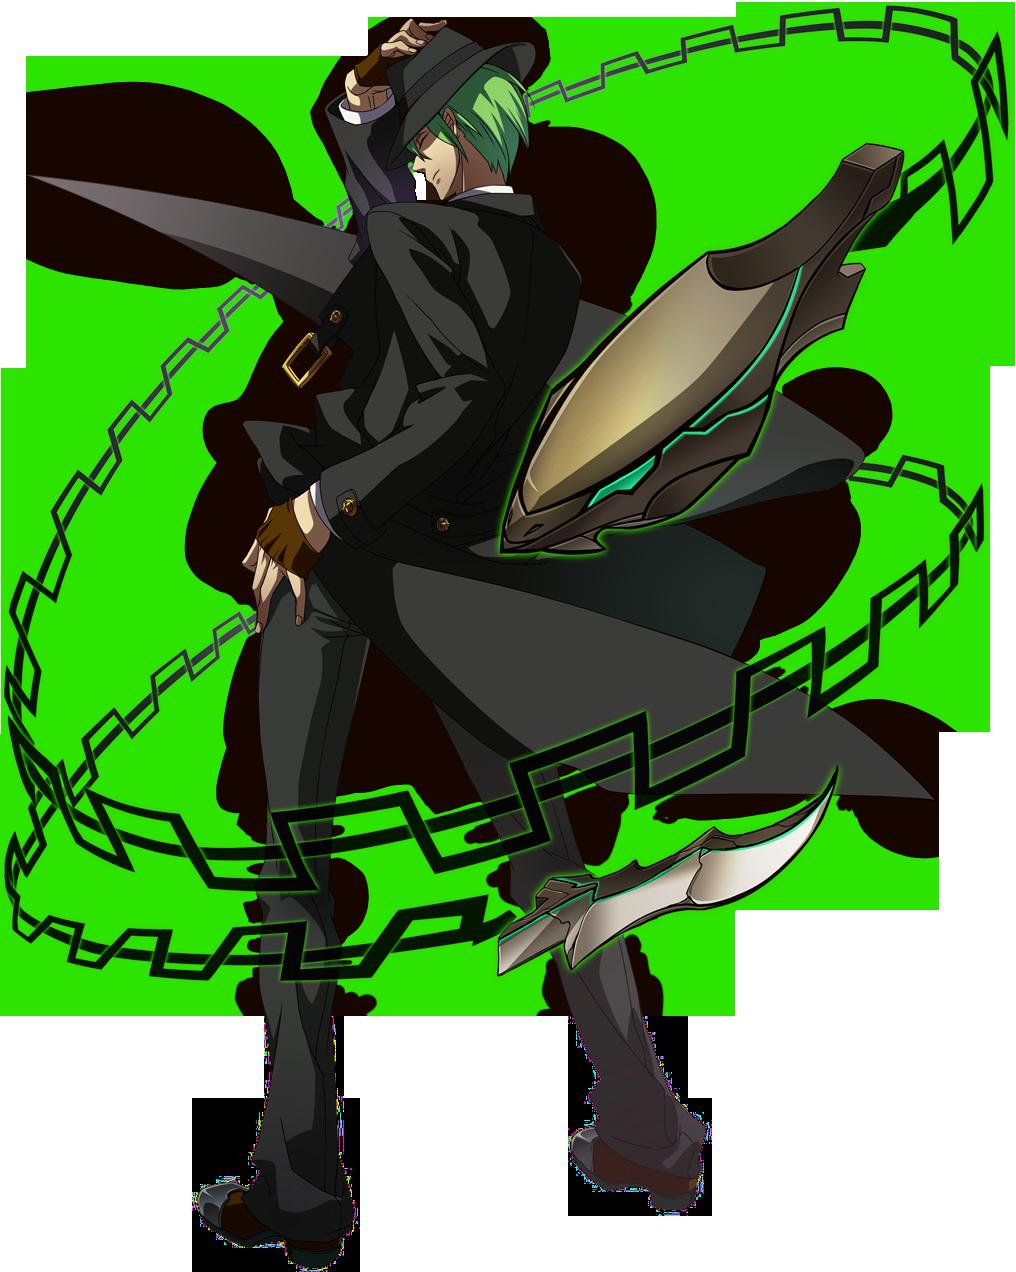 Image hazama story mode. Hook clipart weapon